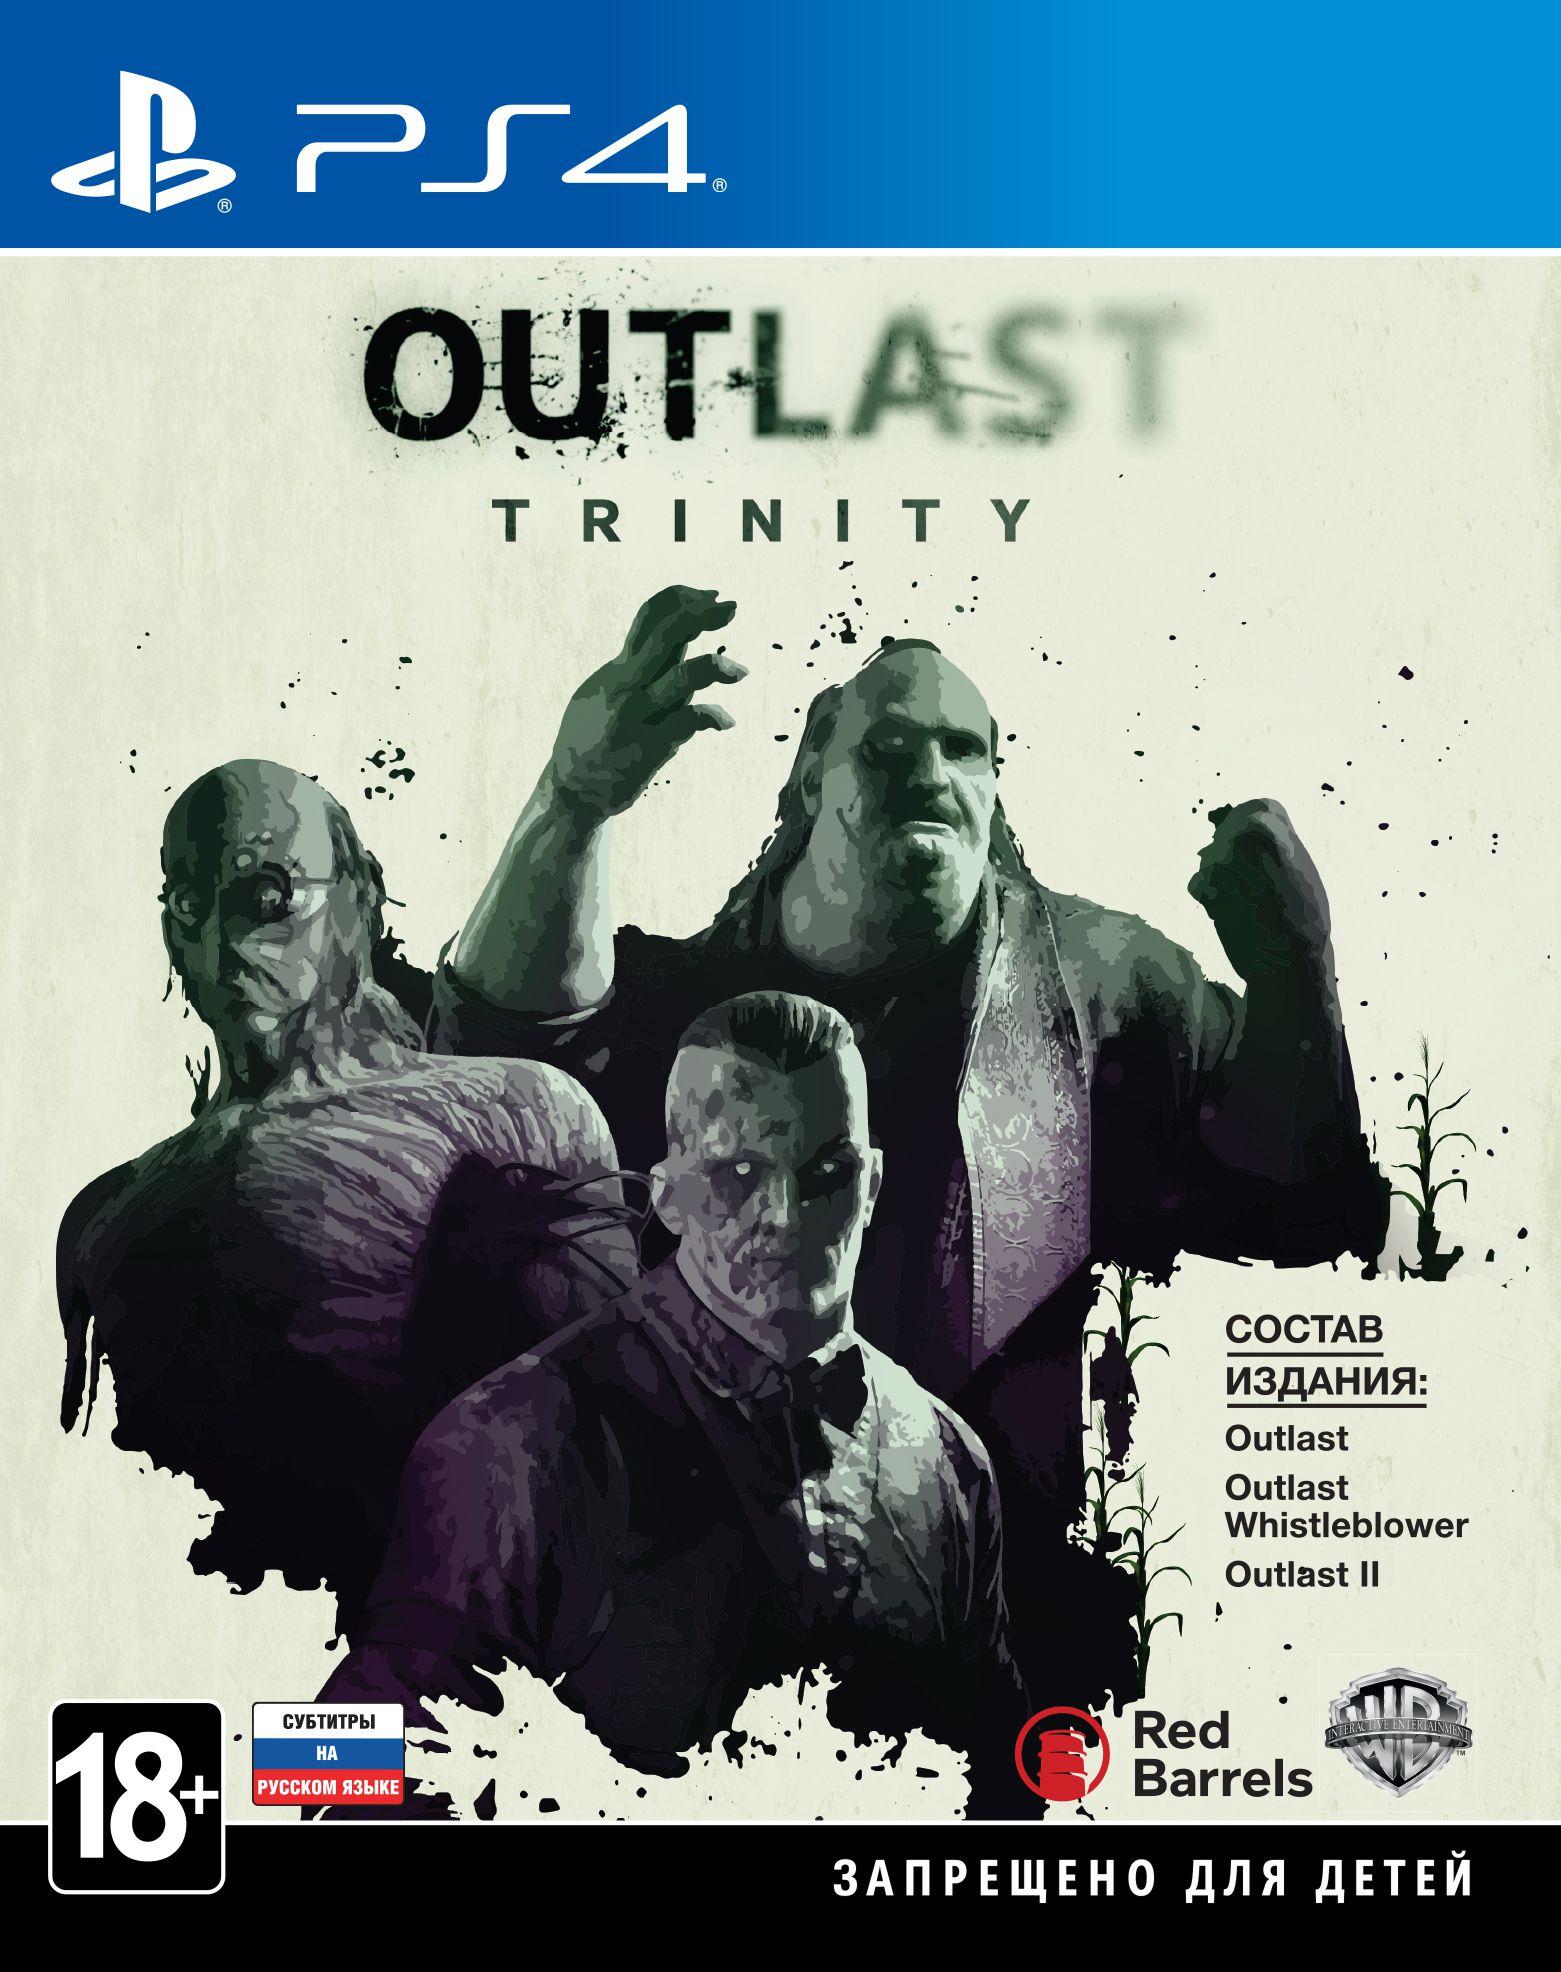 Outlast Trinity [PS4]Коллекция Outlast Trinity – это более 20 часов леденящего кровь путешествия в глубь кроличьей норы истинного безумия…<br>